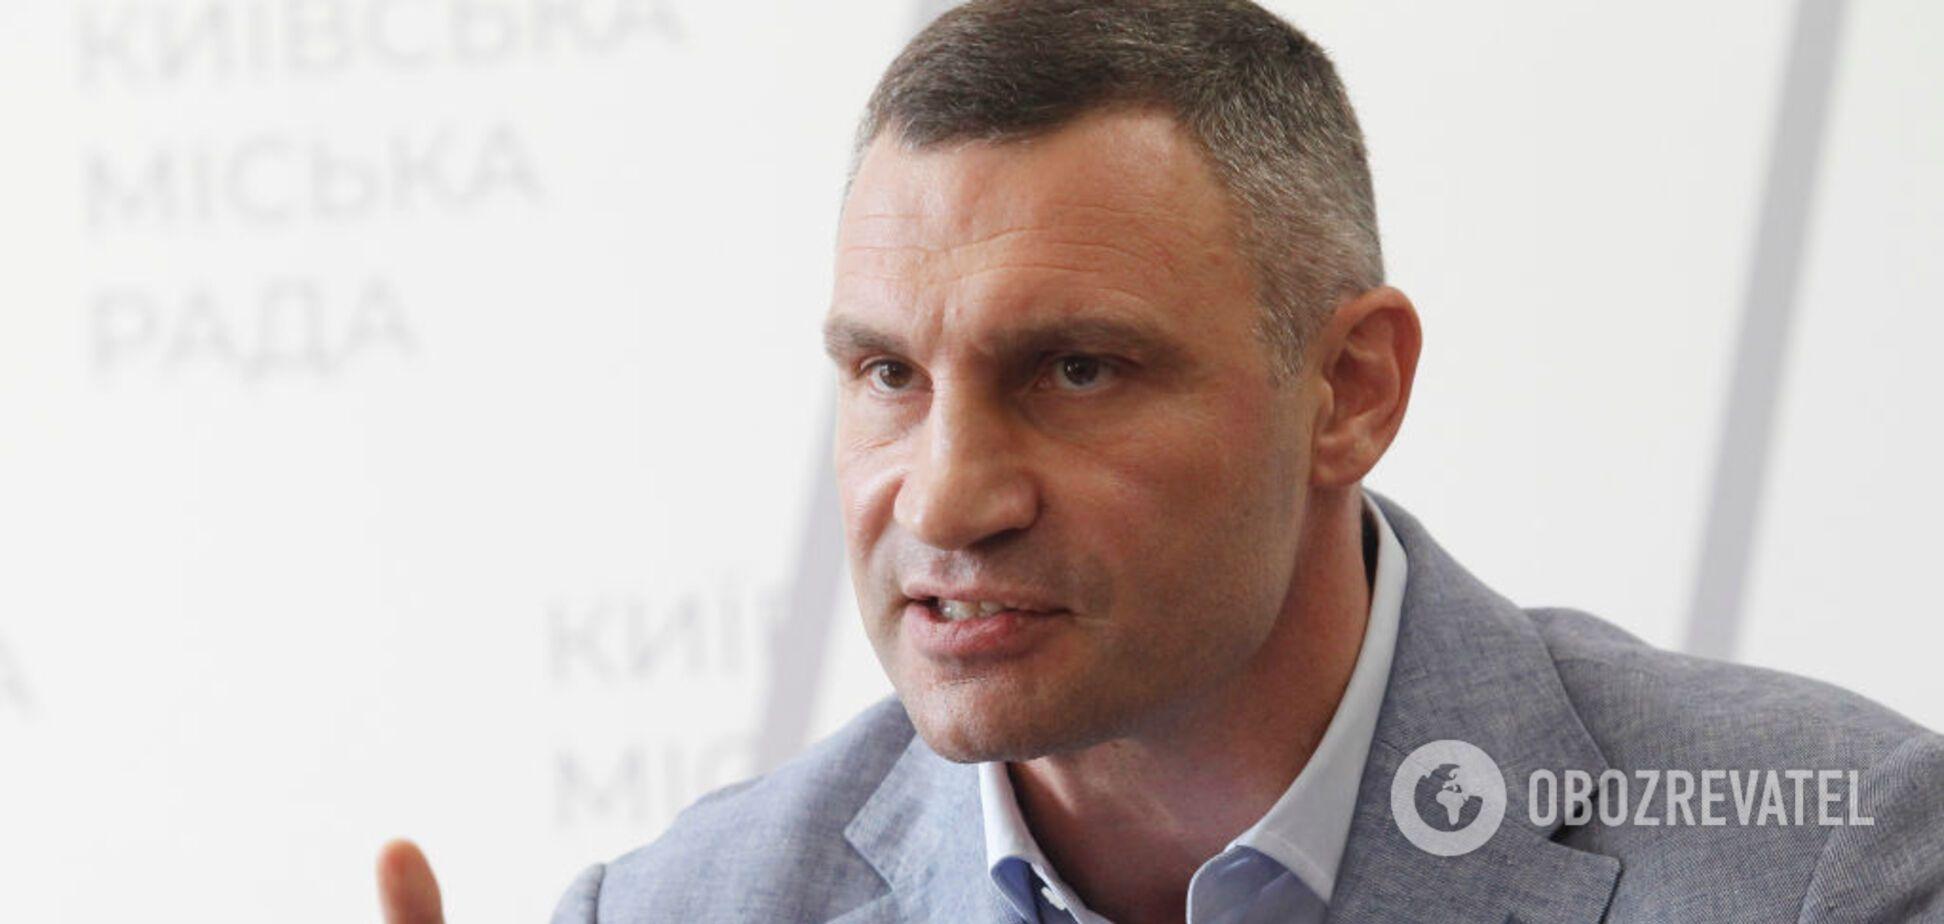 Кличко рассказал, как он удержался в кресле мэра Киева